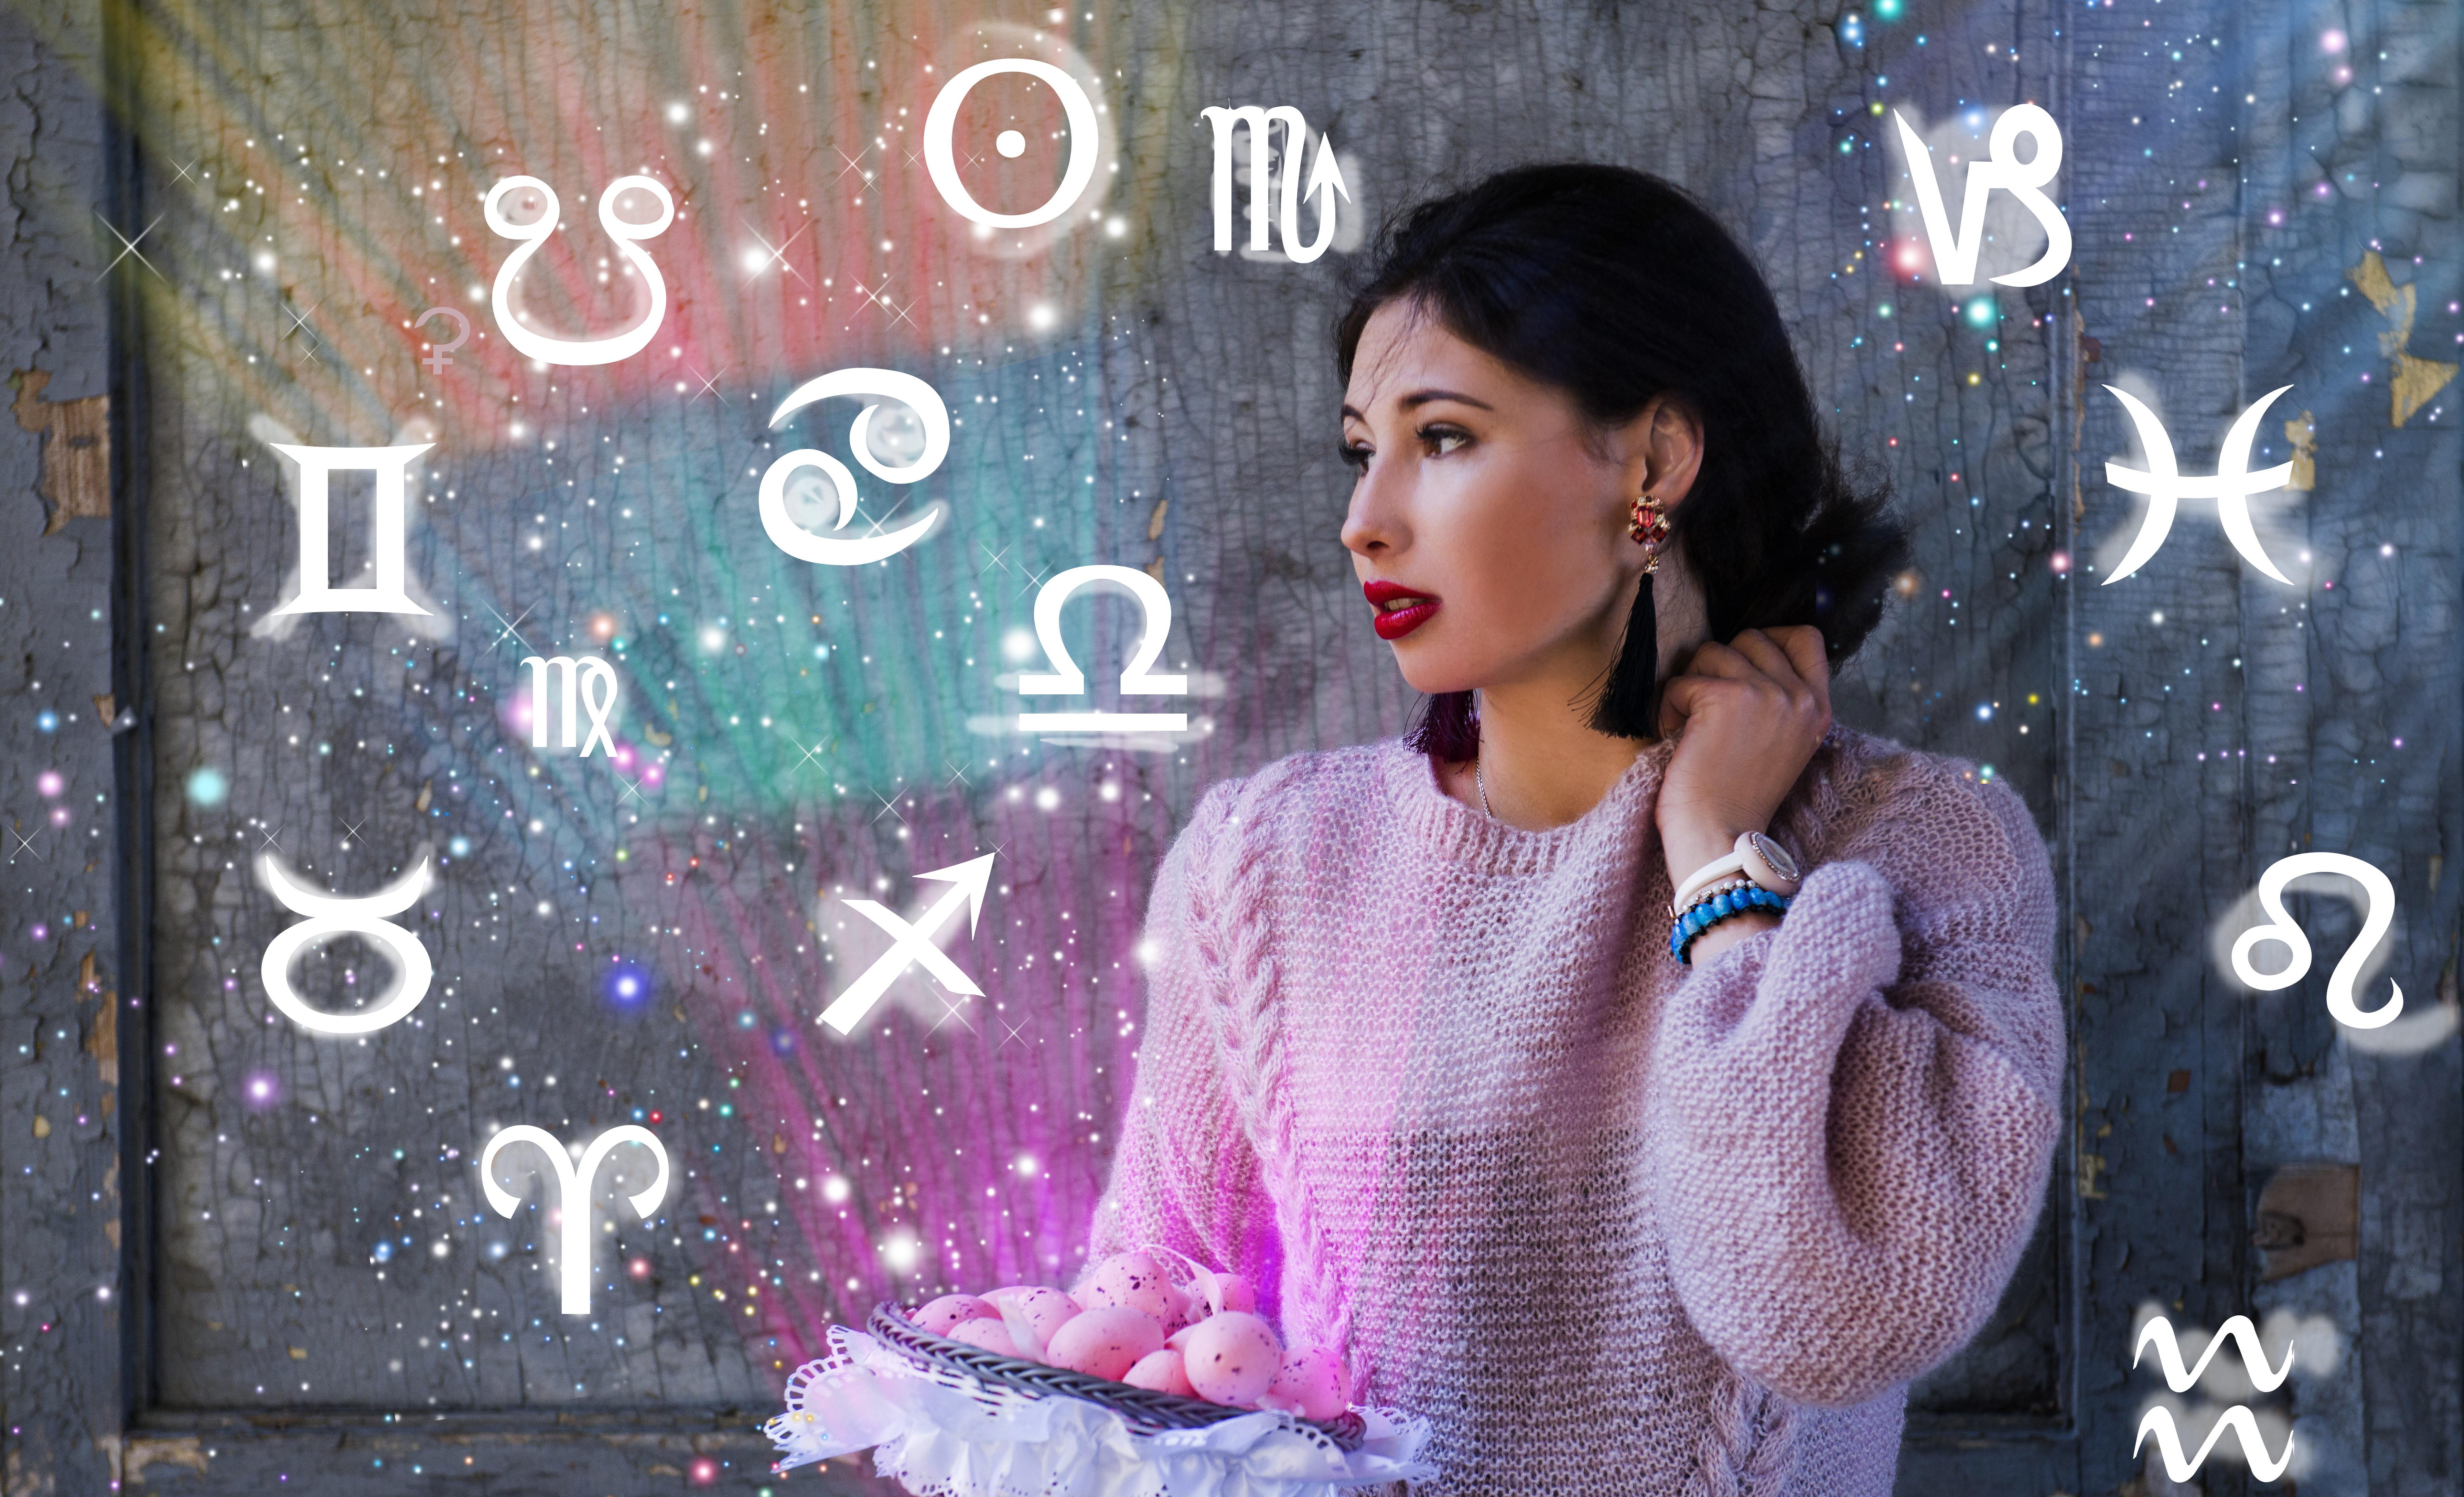 Що очікувати від початку 2019 року: гороскоп на січень для всіх знаків зодіаку